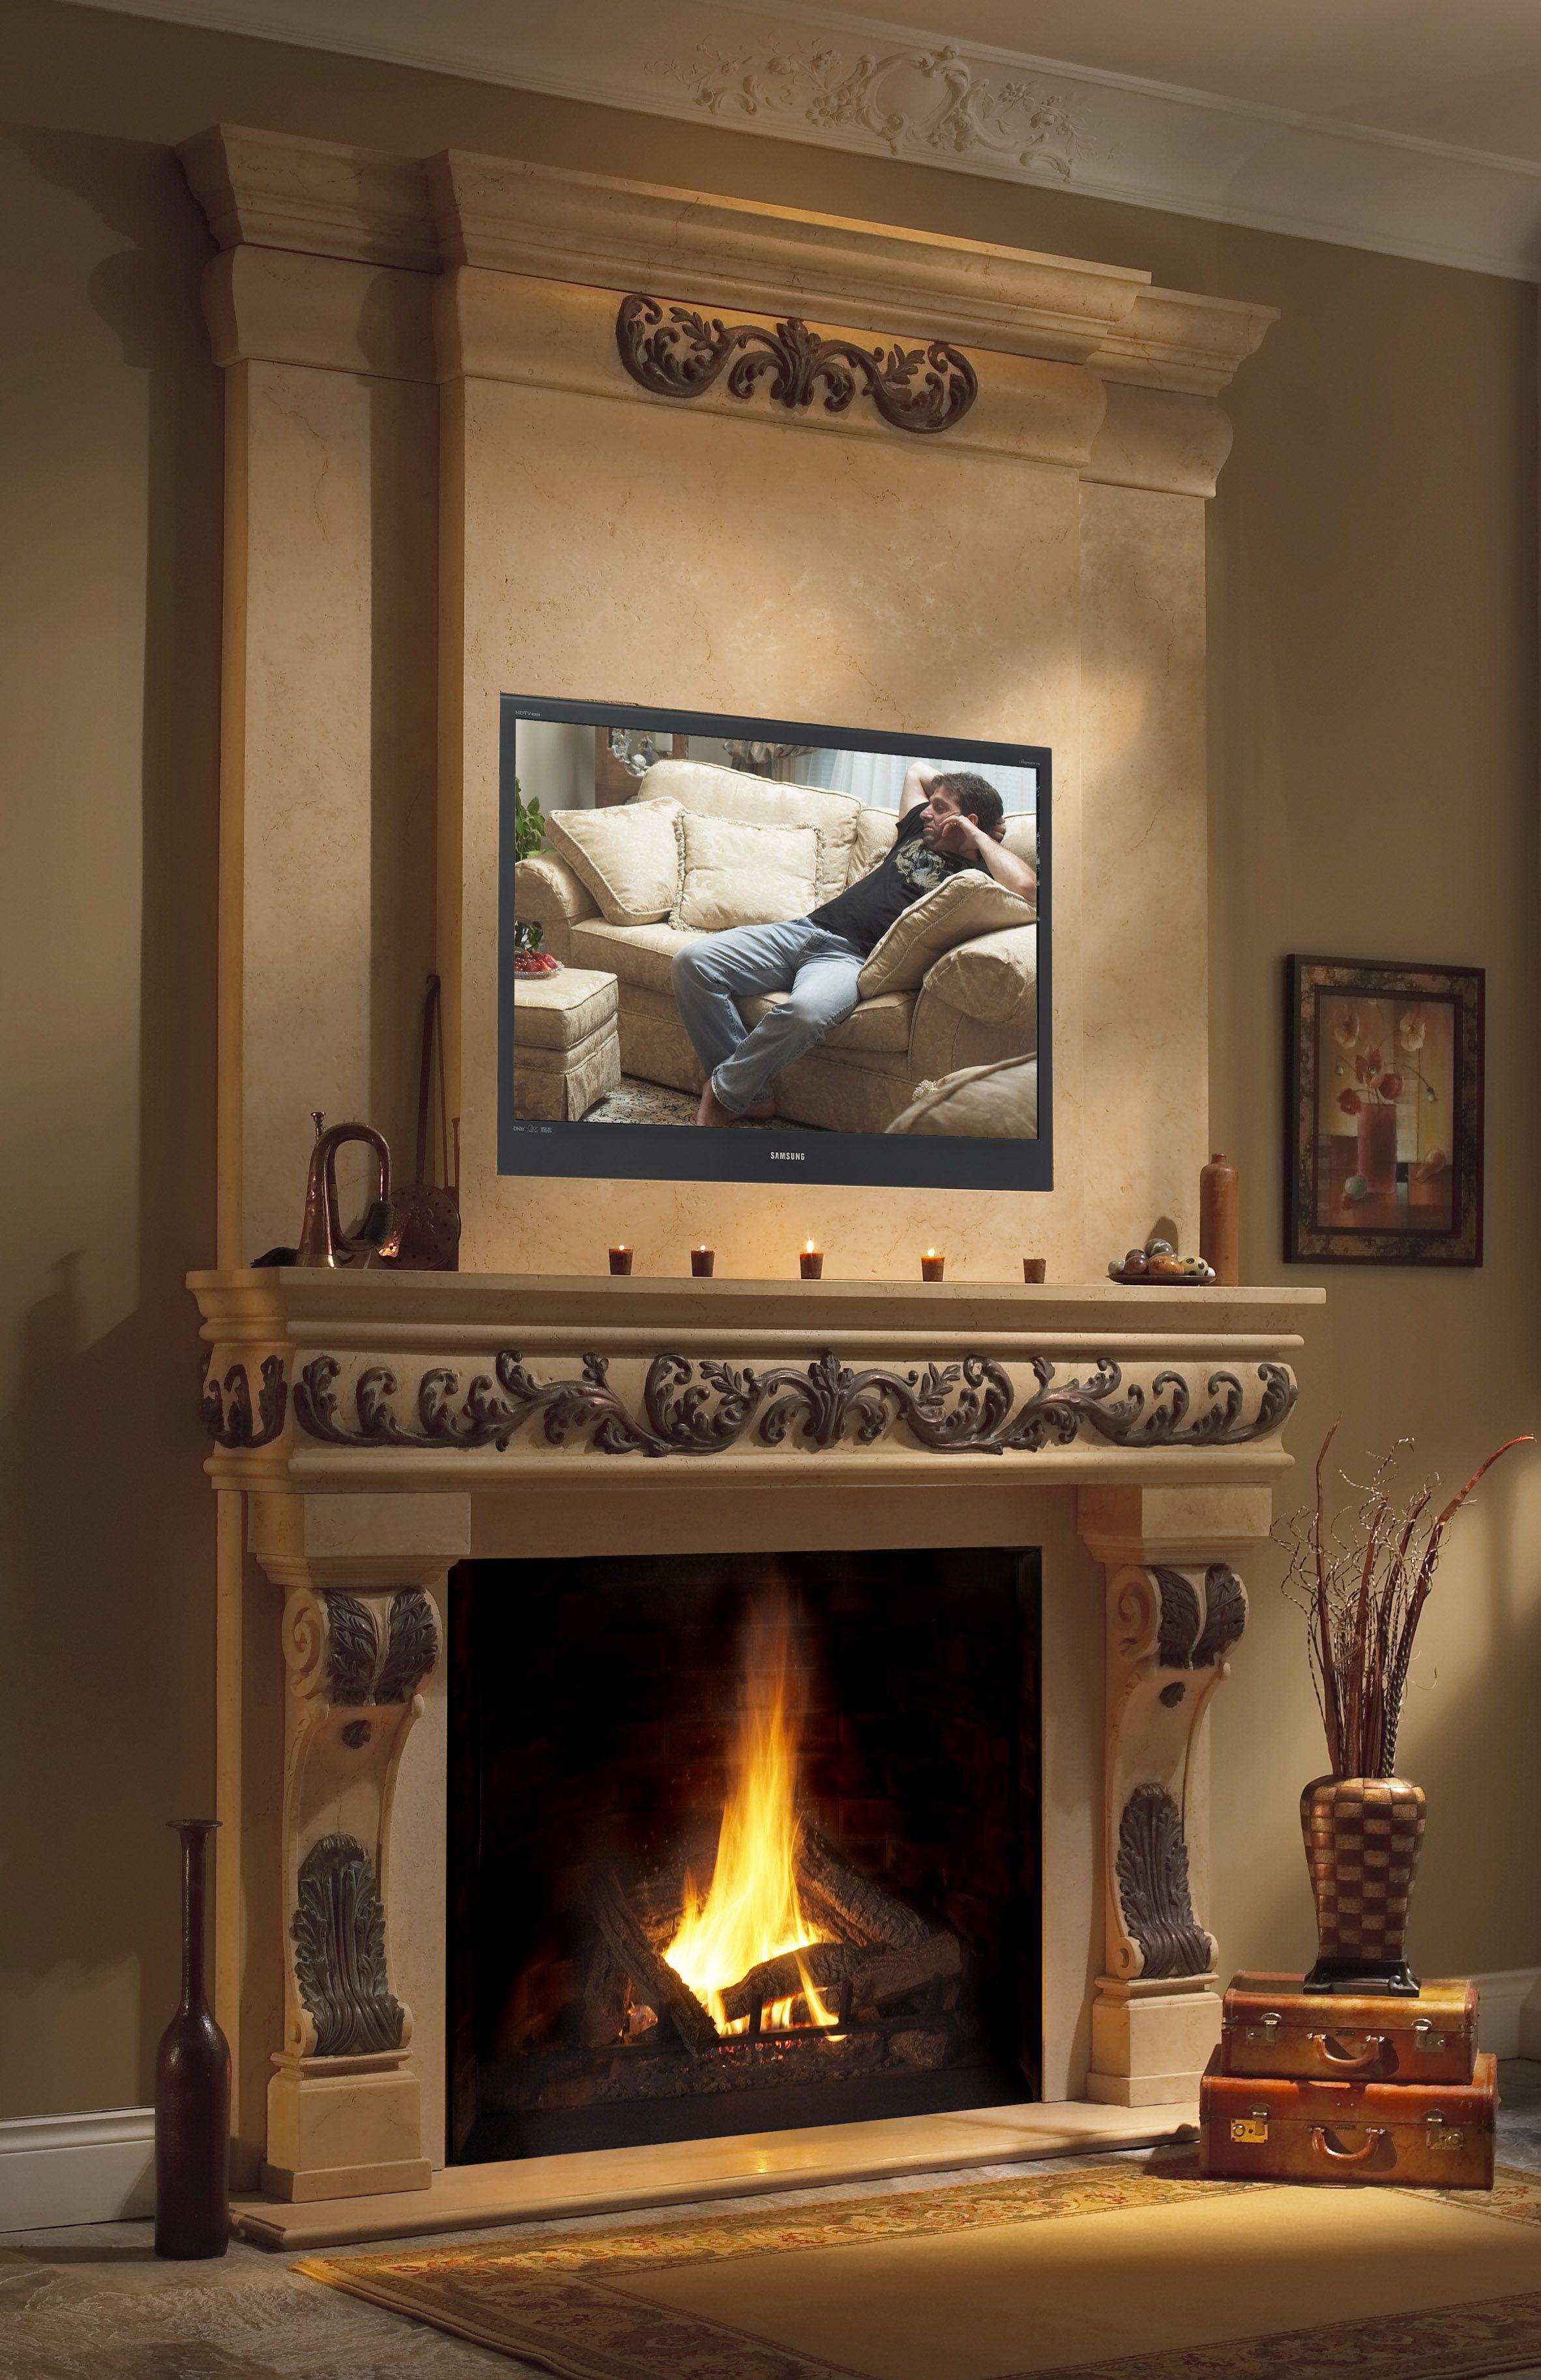 decorations s ideas stone fireplace natural designs mantel decoration modern entrancing mantels design best cast unique